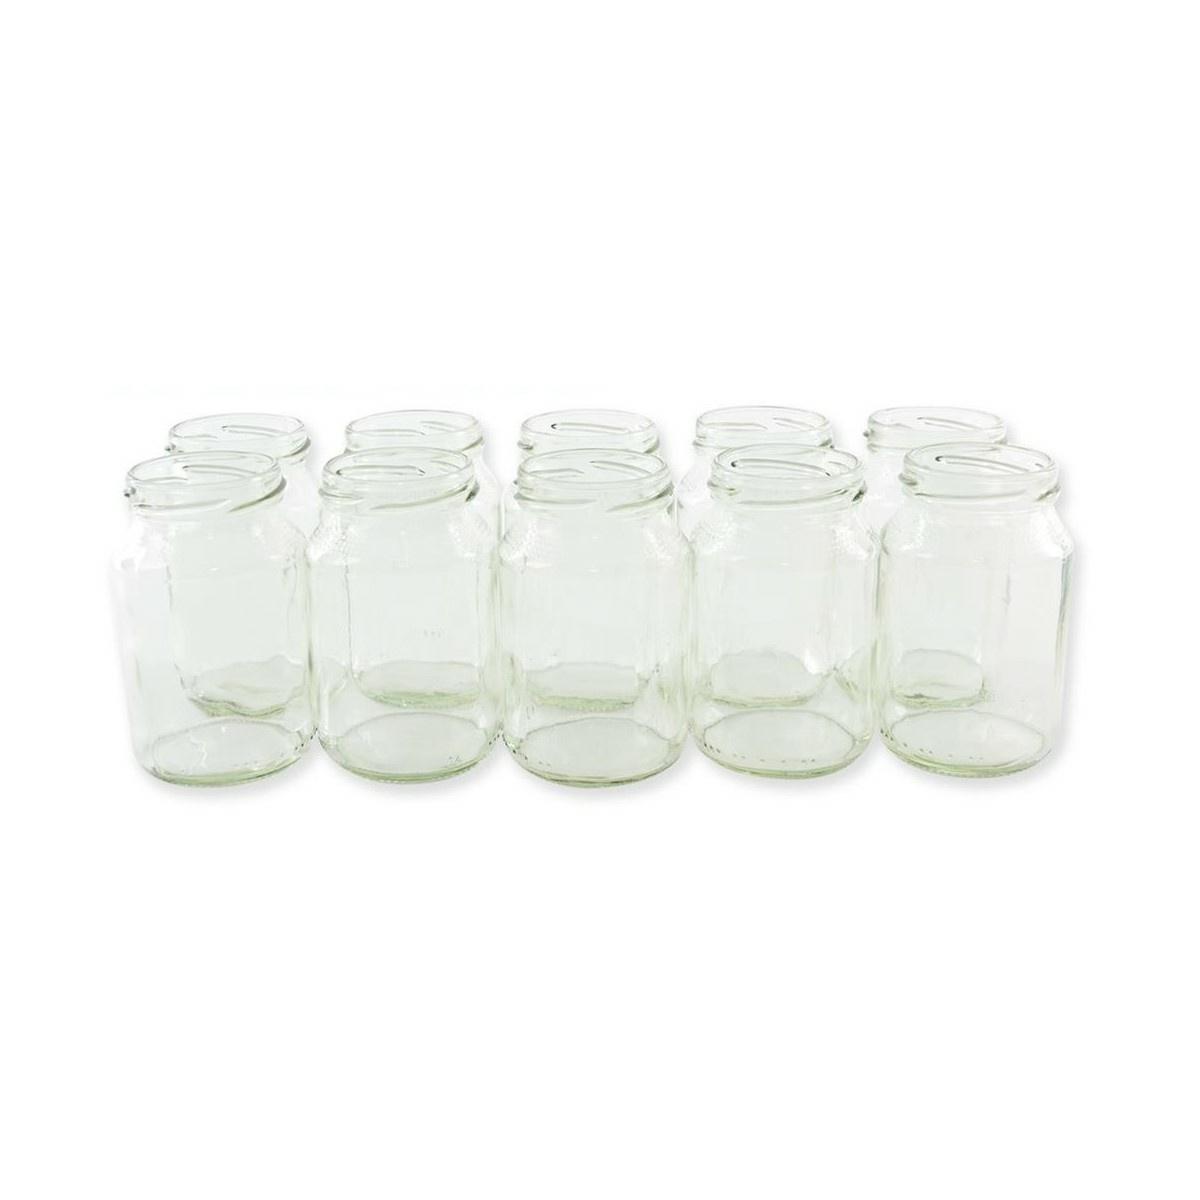 Orion Sada zaváracích pohárov so závitom, 10 ks